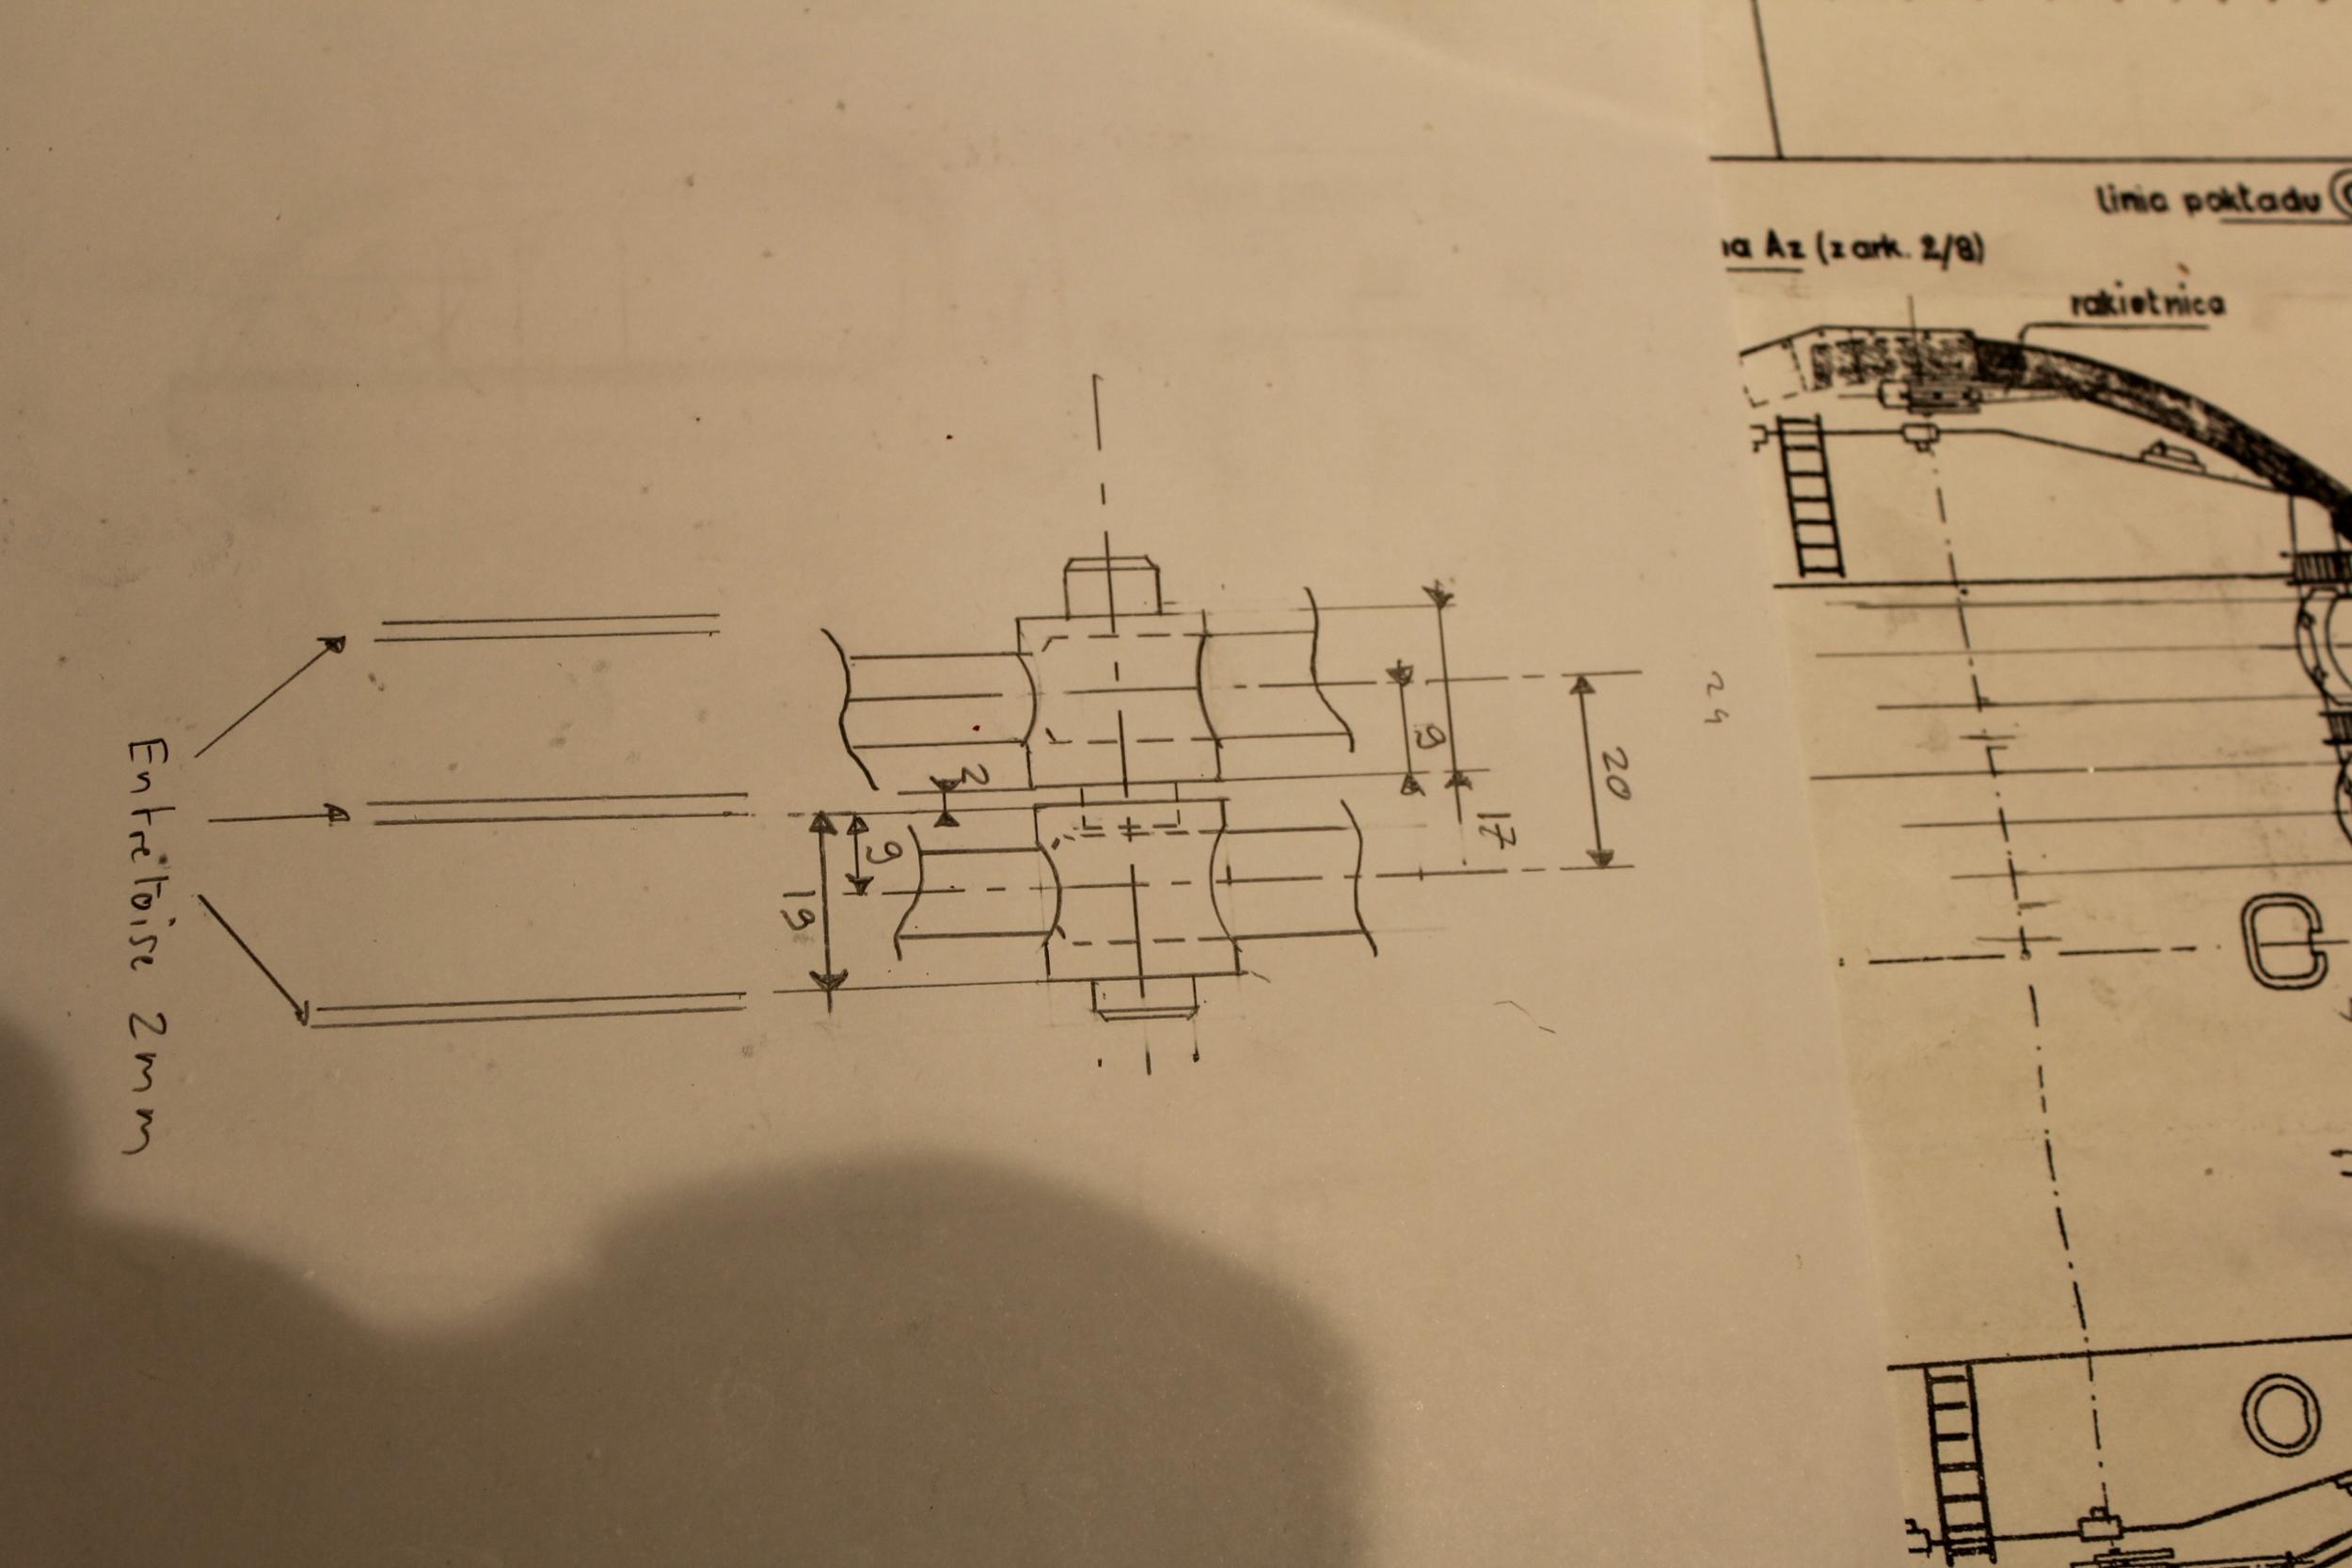 Cuirassé Richelieu 1/100 Vrsion 1943 sur plans Polonais et Sarnet + Dumas - Page 3 315706IMG10992500x1667